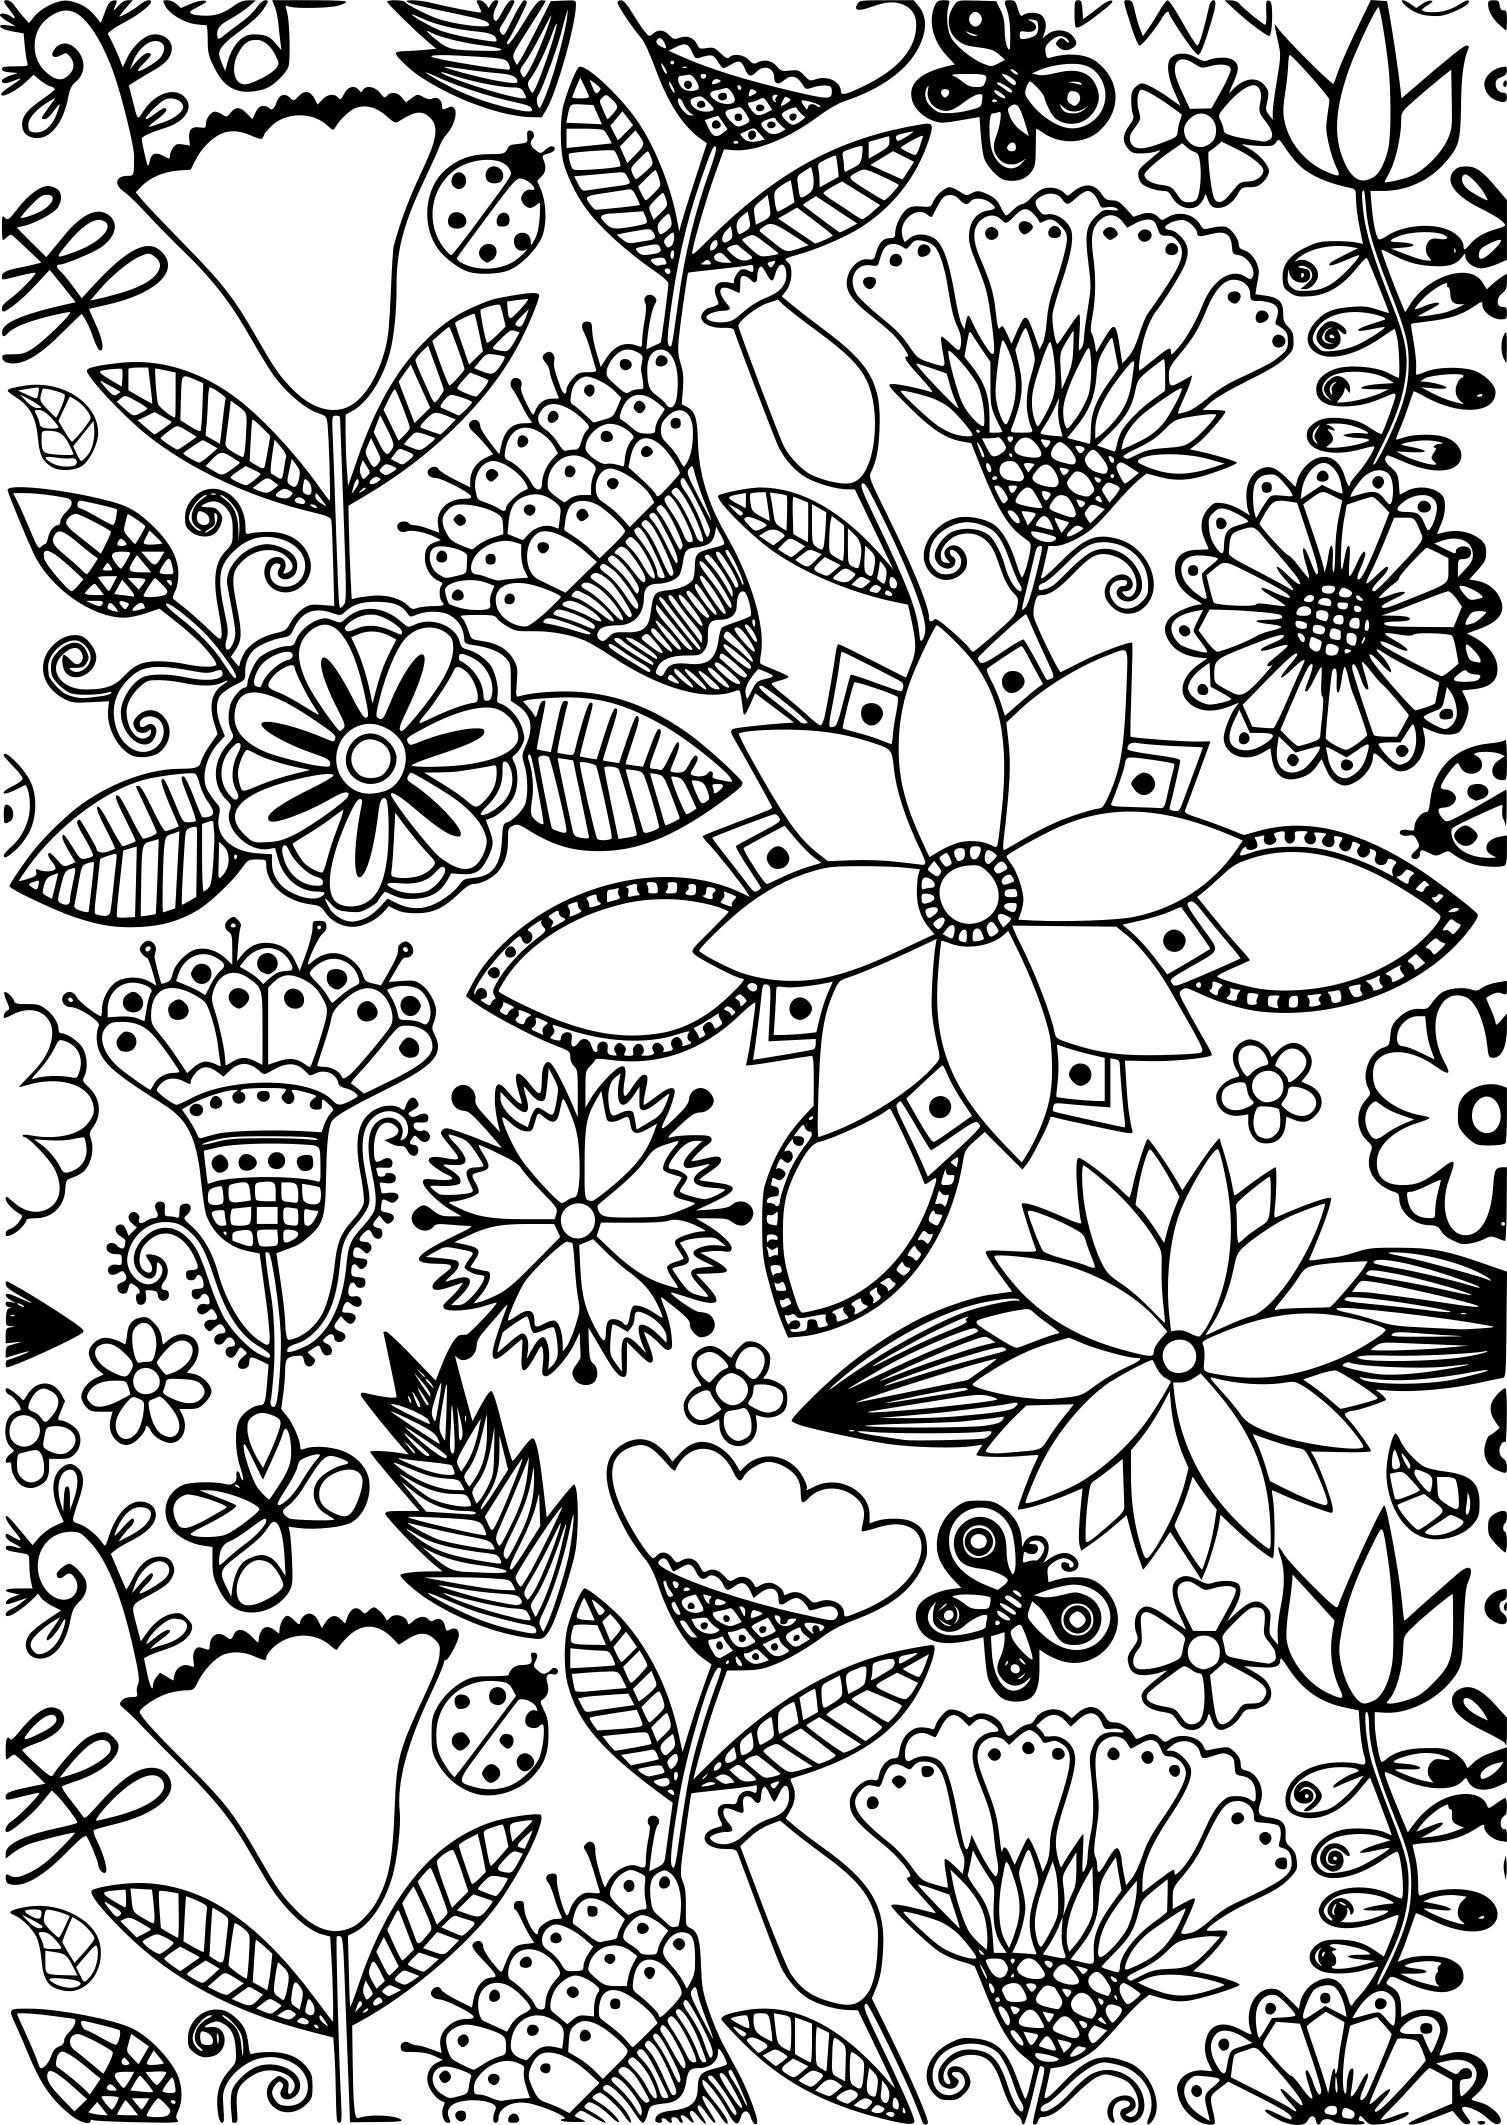 Belle Coloriage Anti Stress Fleur Haut Coloriage Hd Images